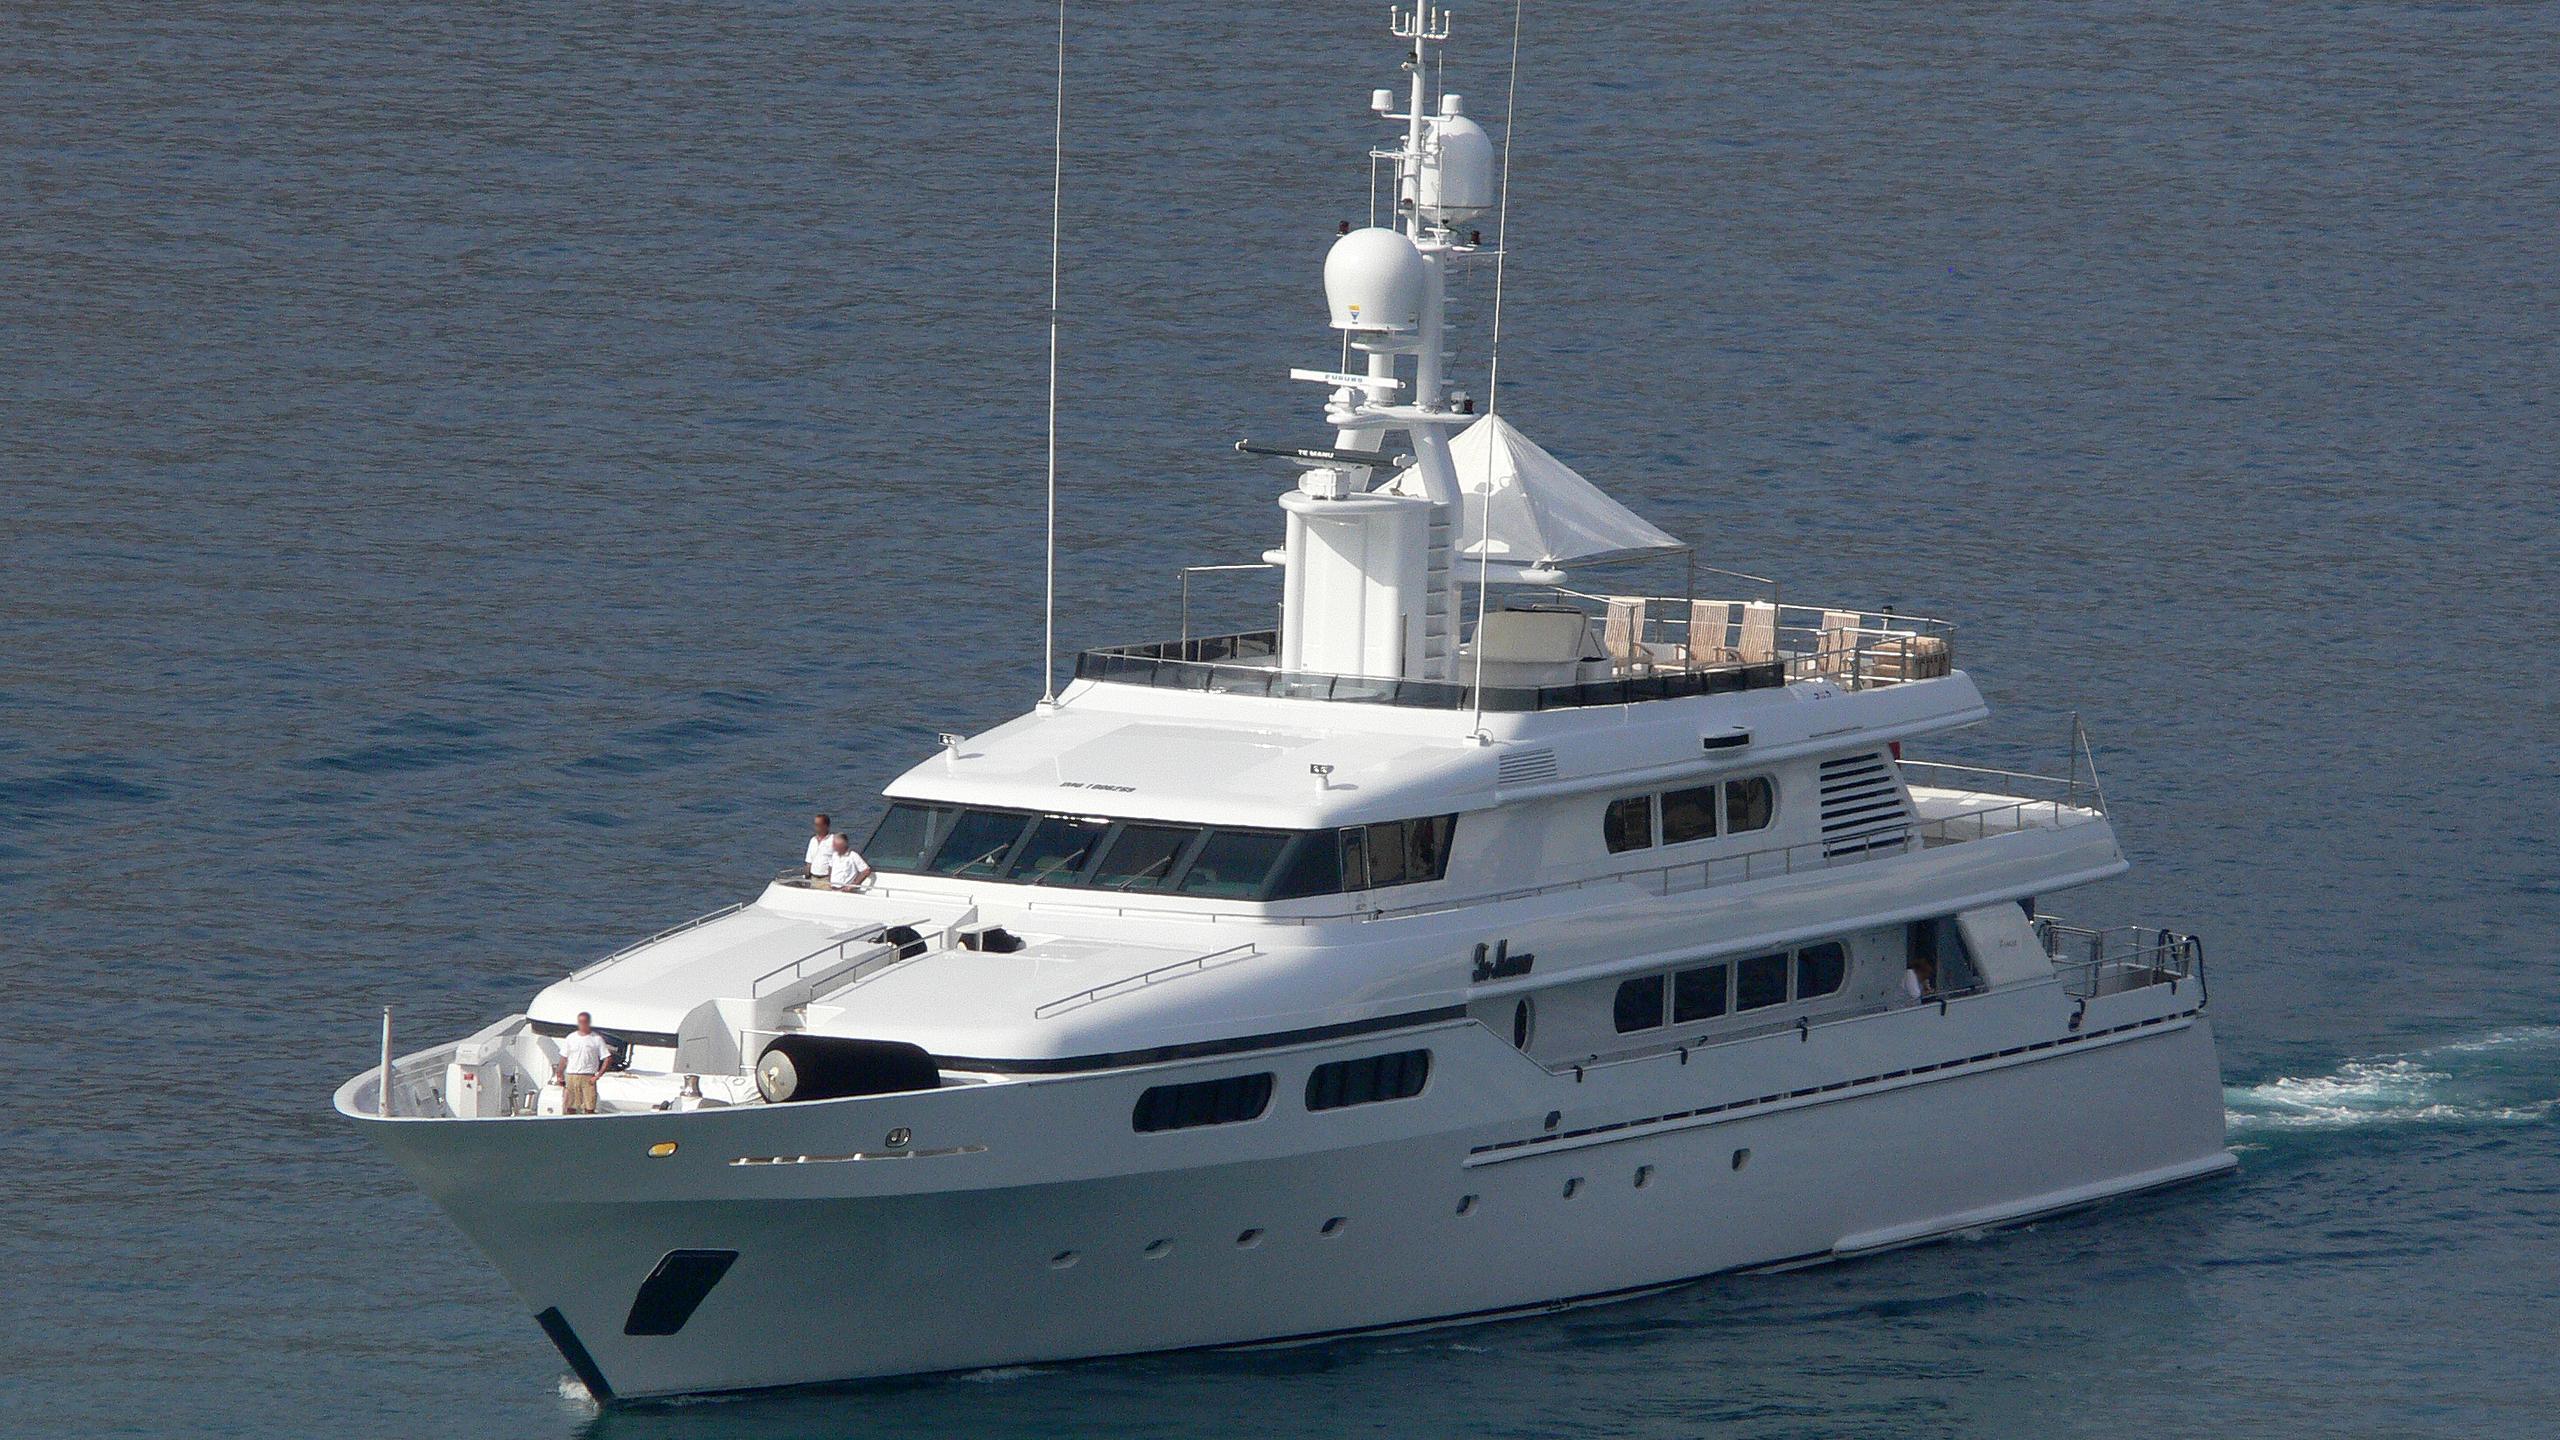 te-manu-yacht-exterior